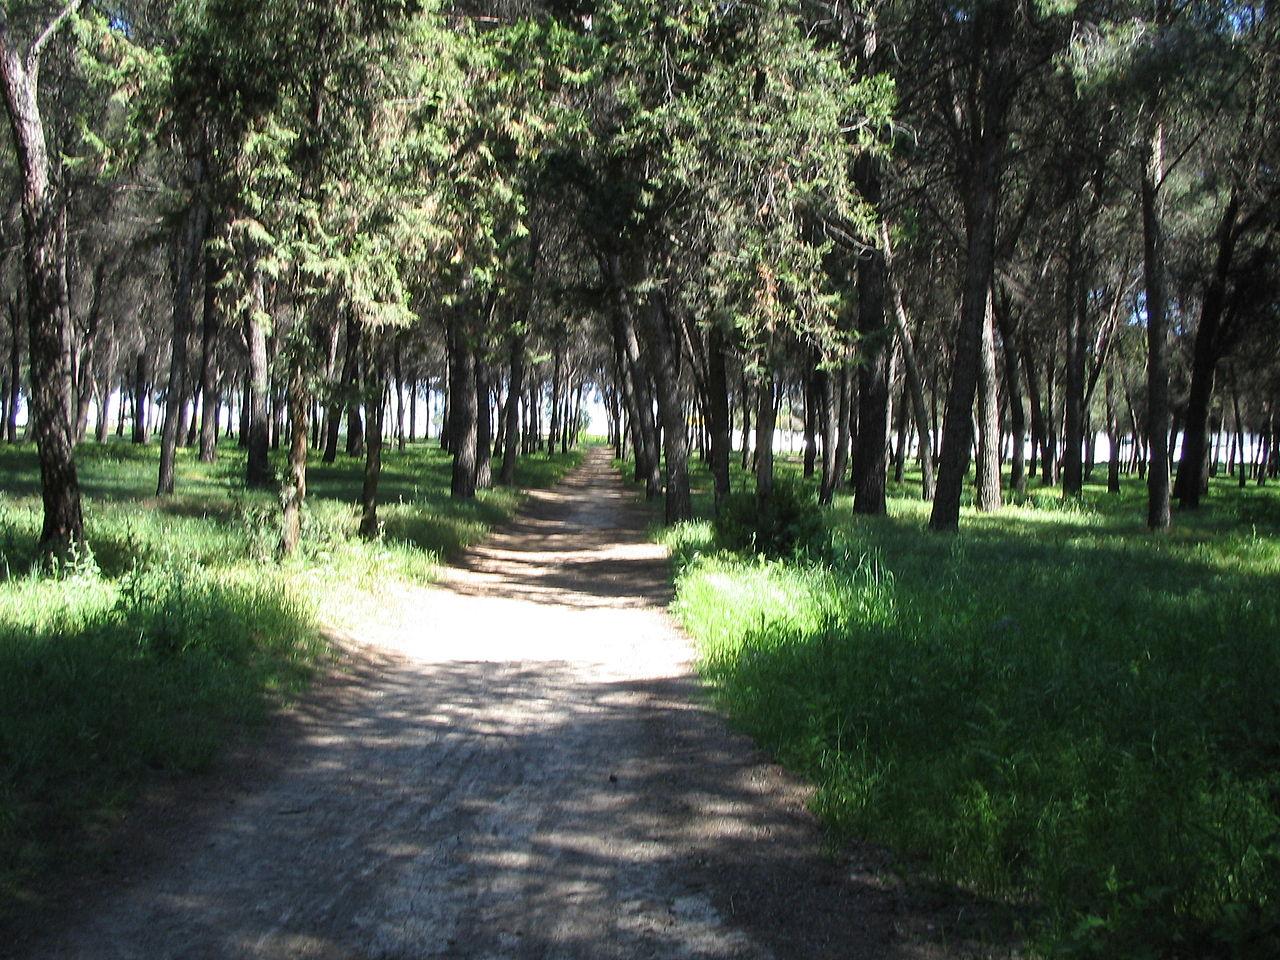 Podemos Getafe pide ampliar el horario de acceso al Cerro de los Ángeles en verano hasta las 23h